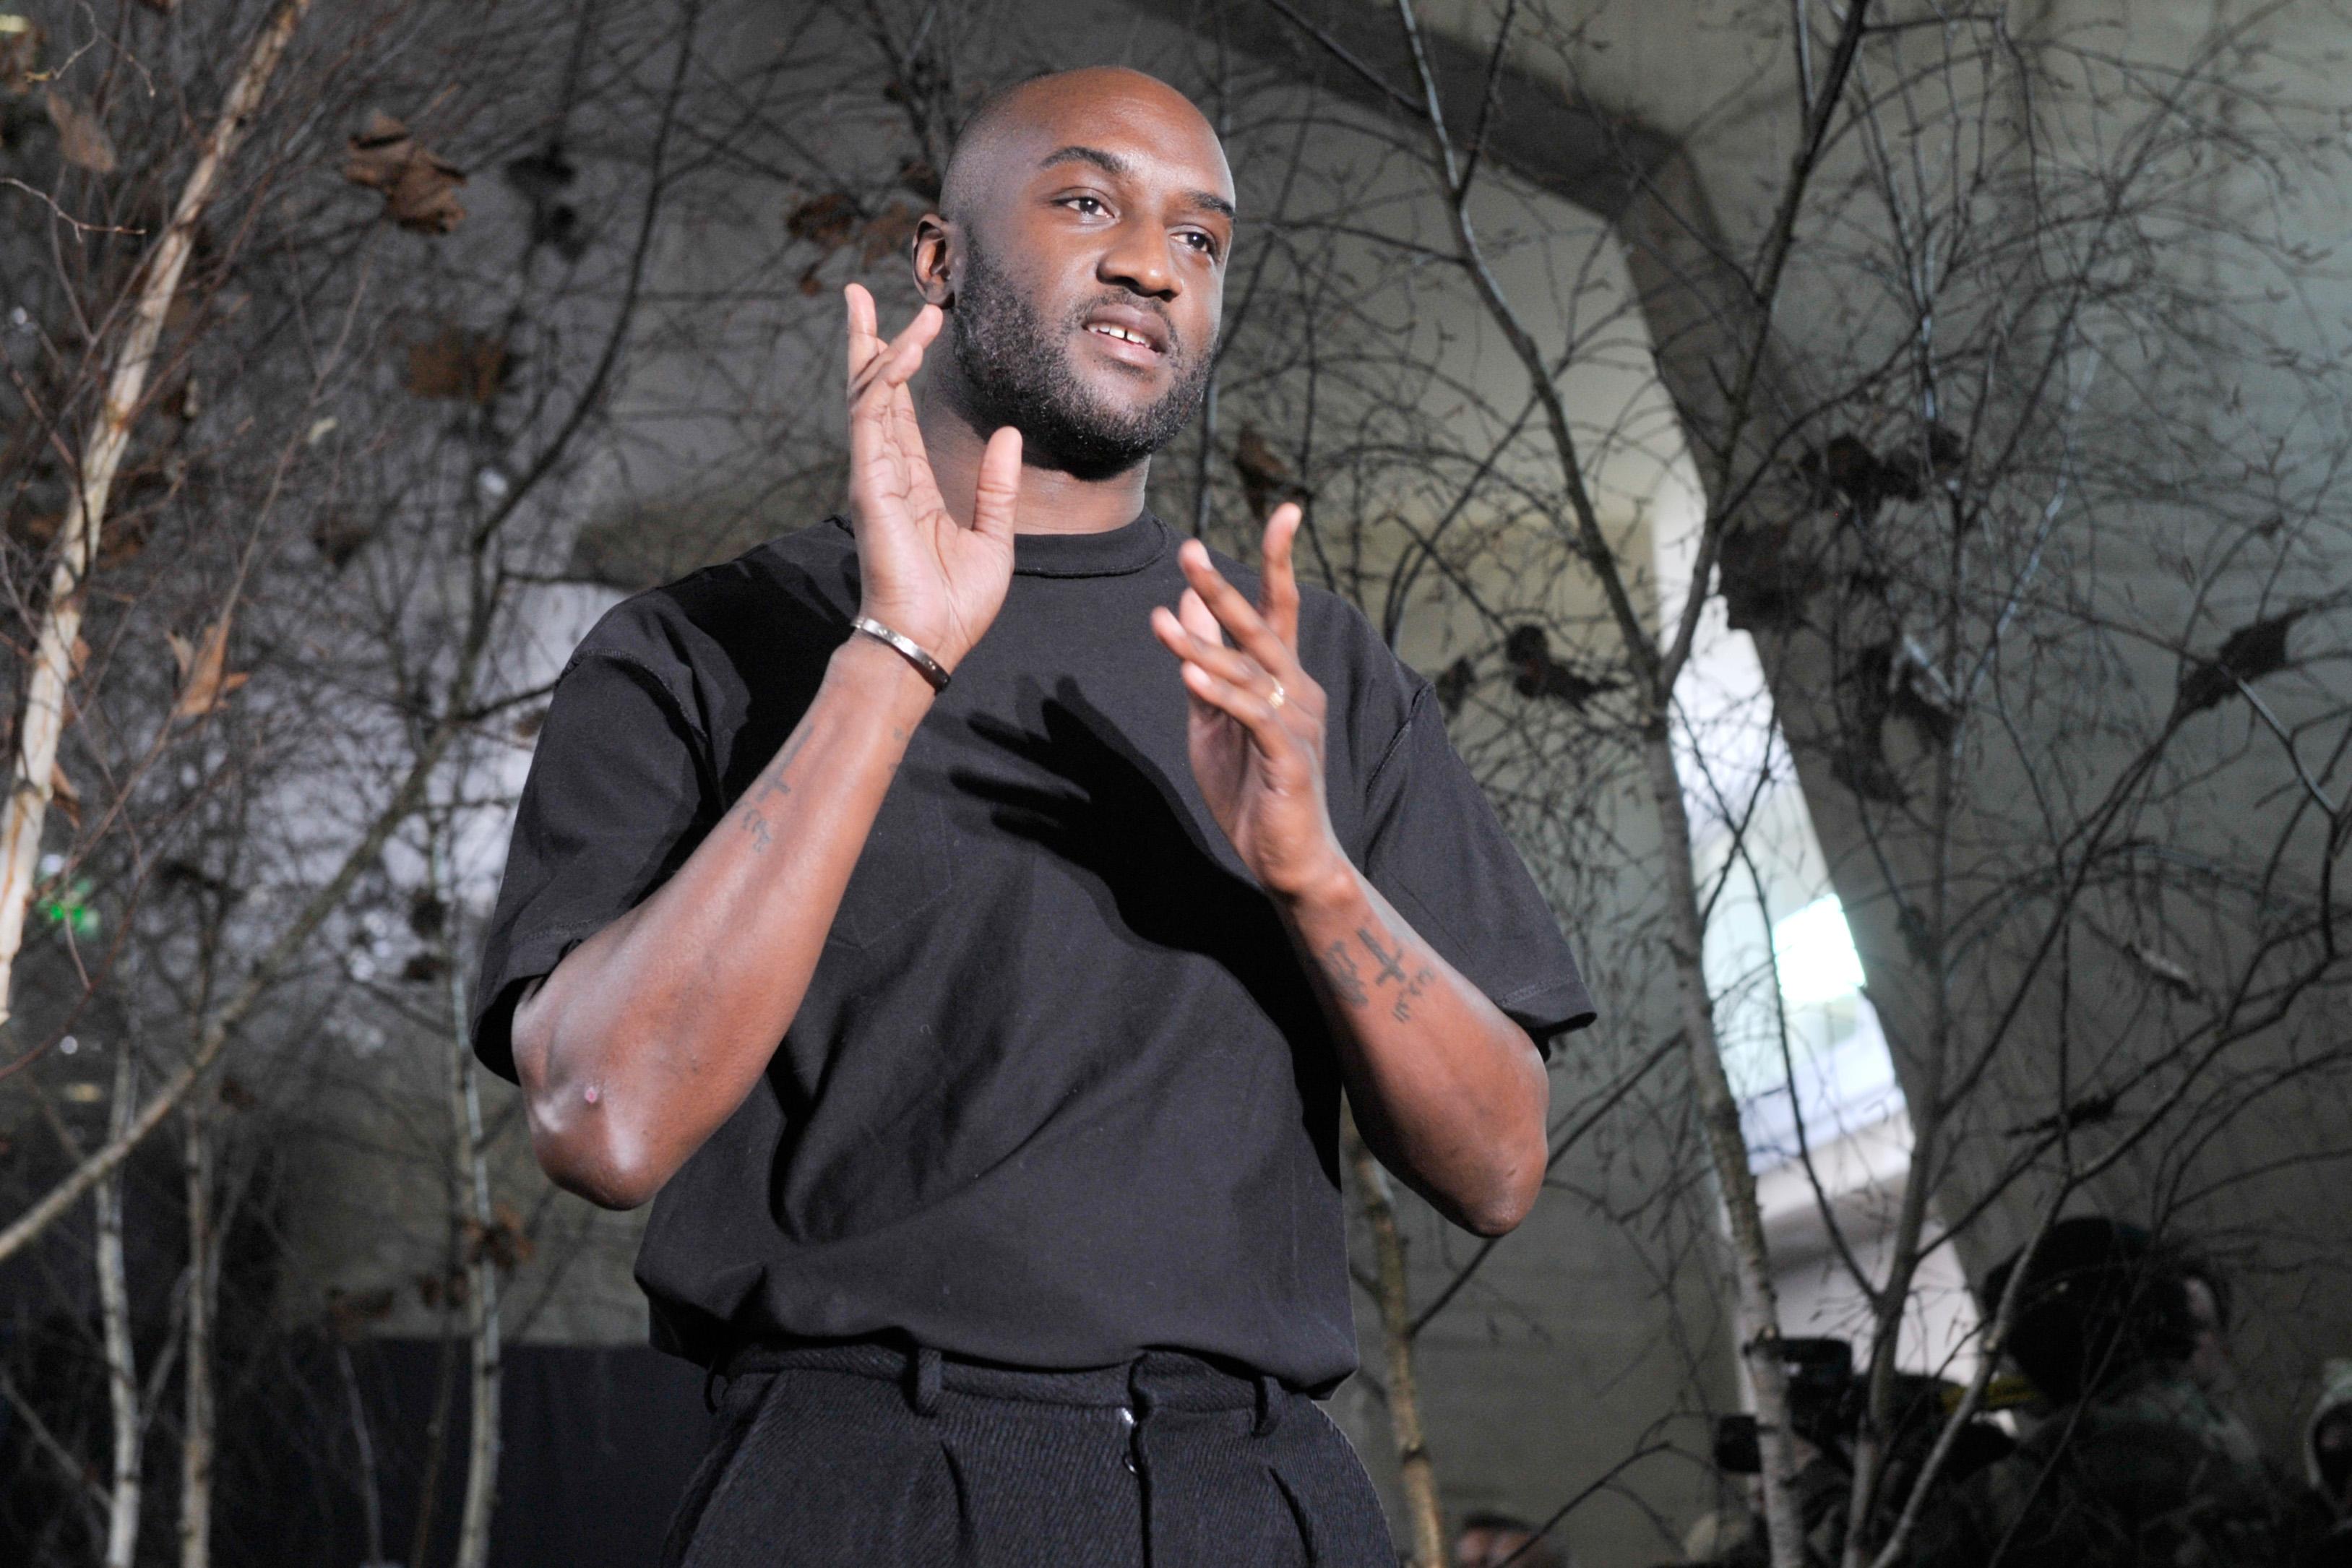 Virgil Abloh sẽ mang đến điều gì cho thương hiệu Louis Vuitton khi trở thành giám đốc sáng tạo? 1